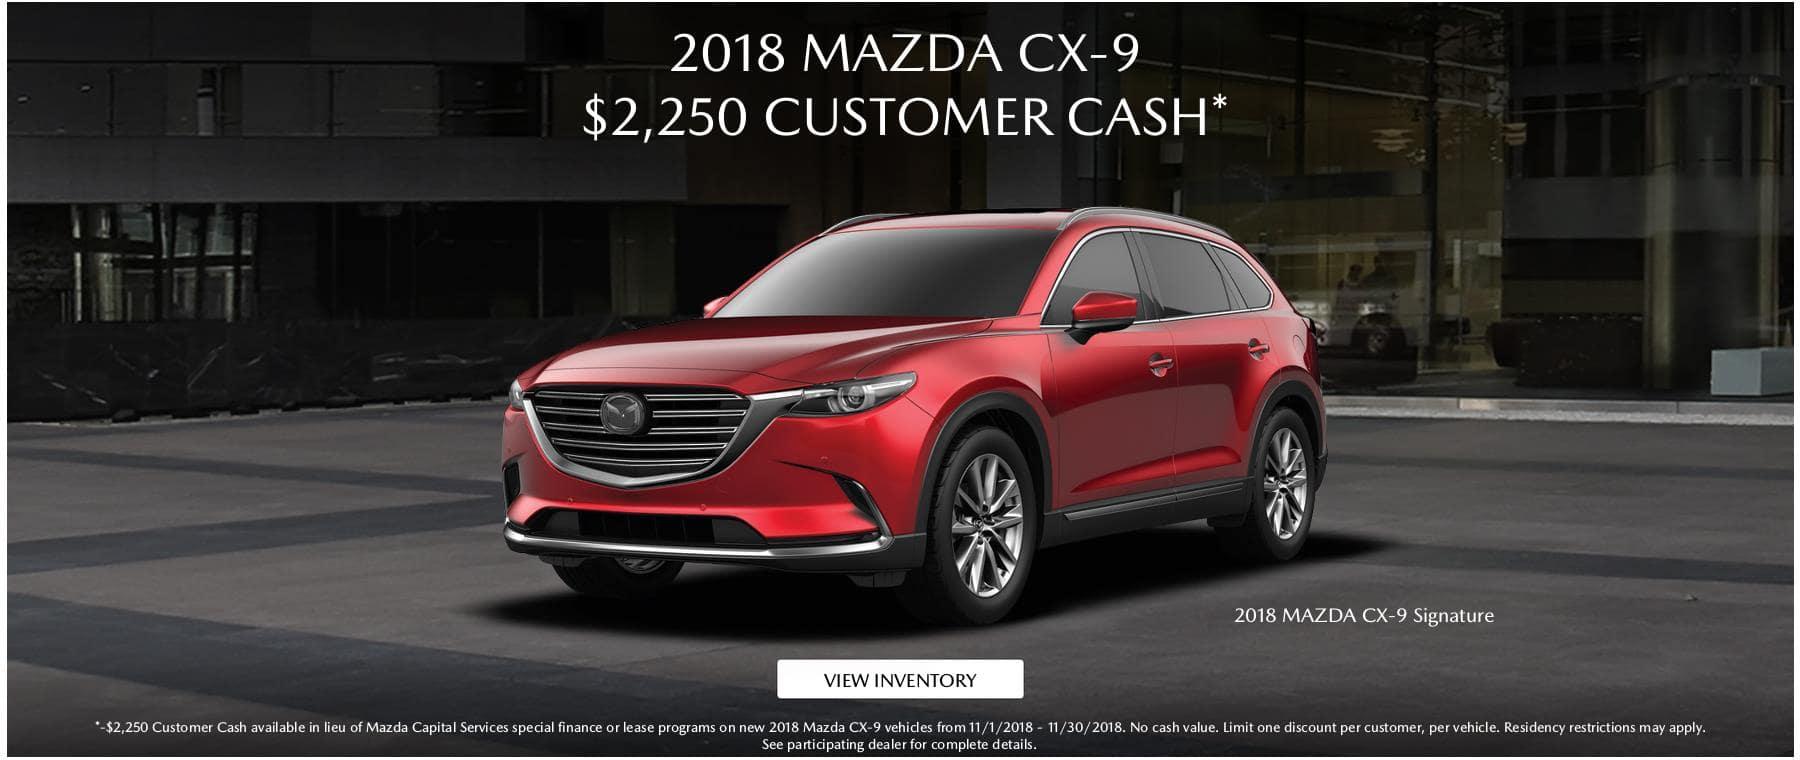 2018 Mazda CX9 2250 CC